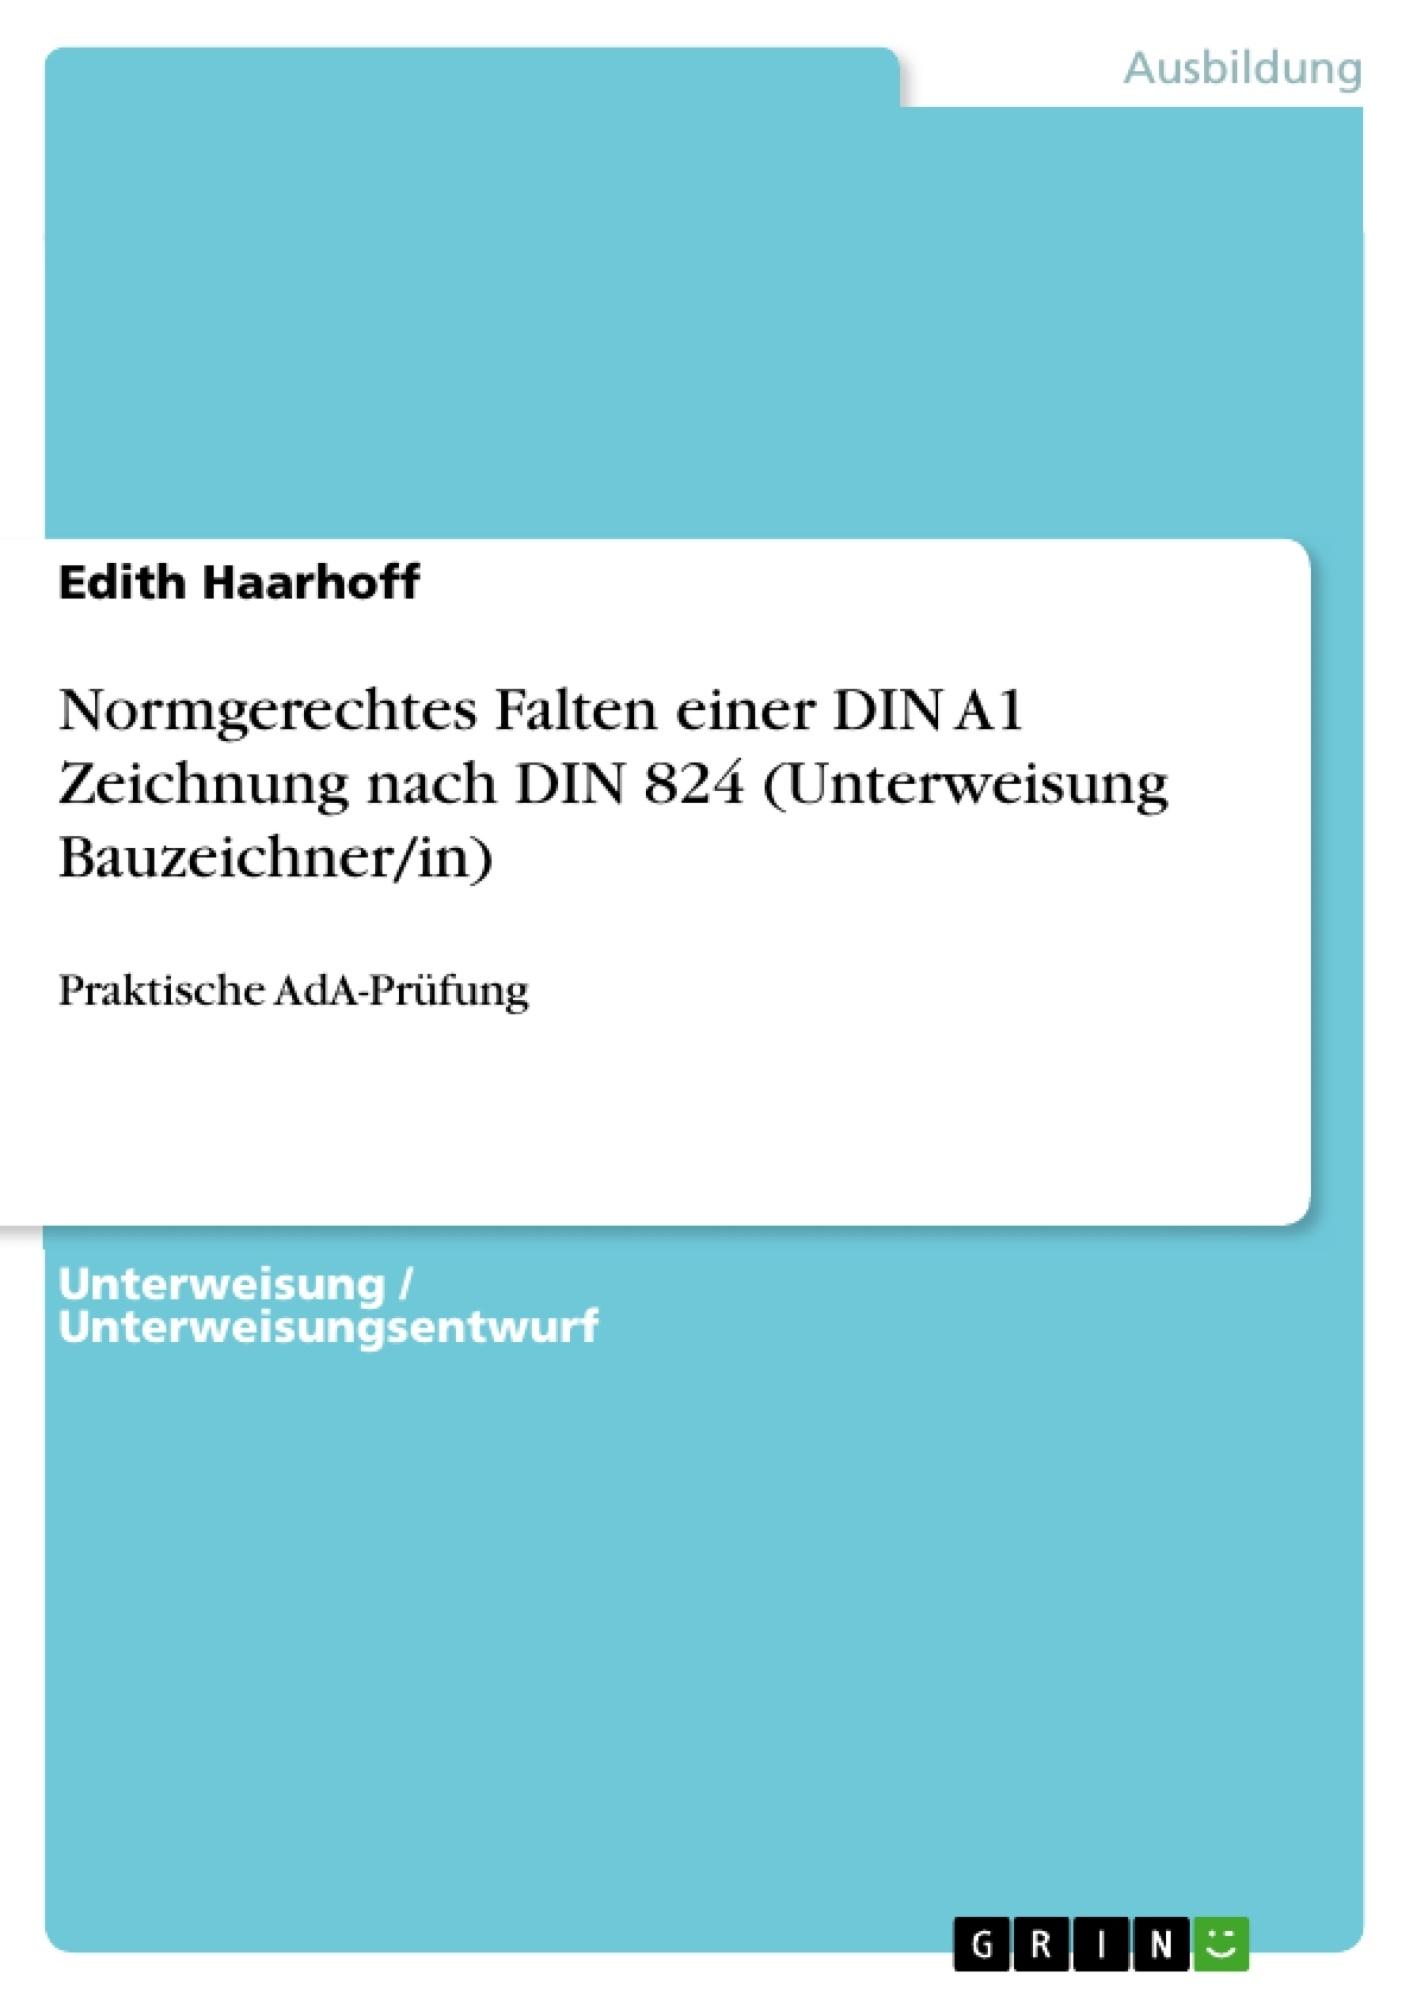 Titel: Normgerechtes Falten einer DIN A1 Zeichnung nach DIN 824 (Unterweisung Bauzeichner/in)